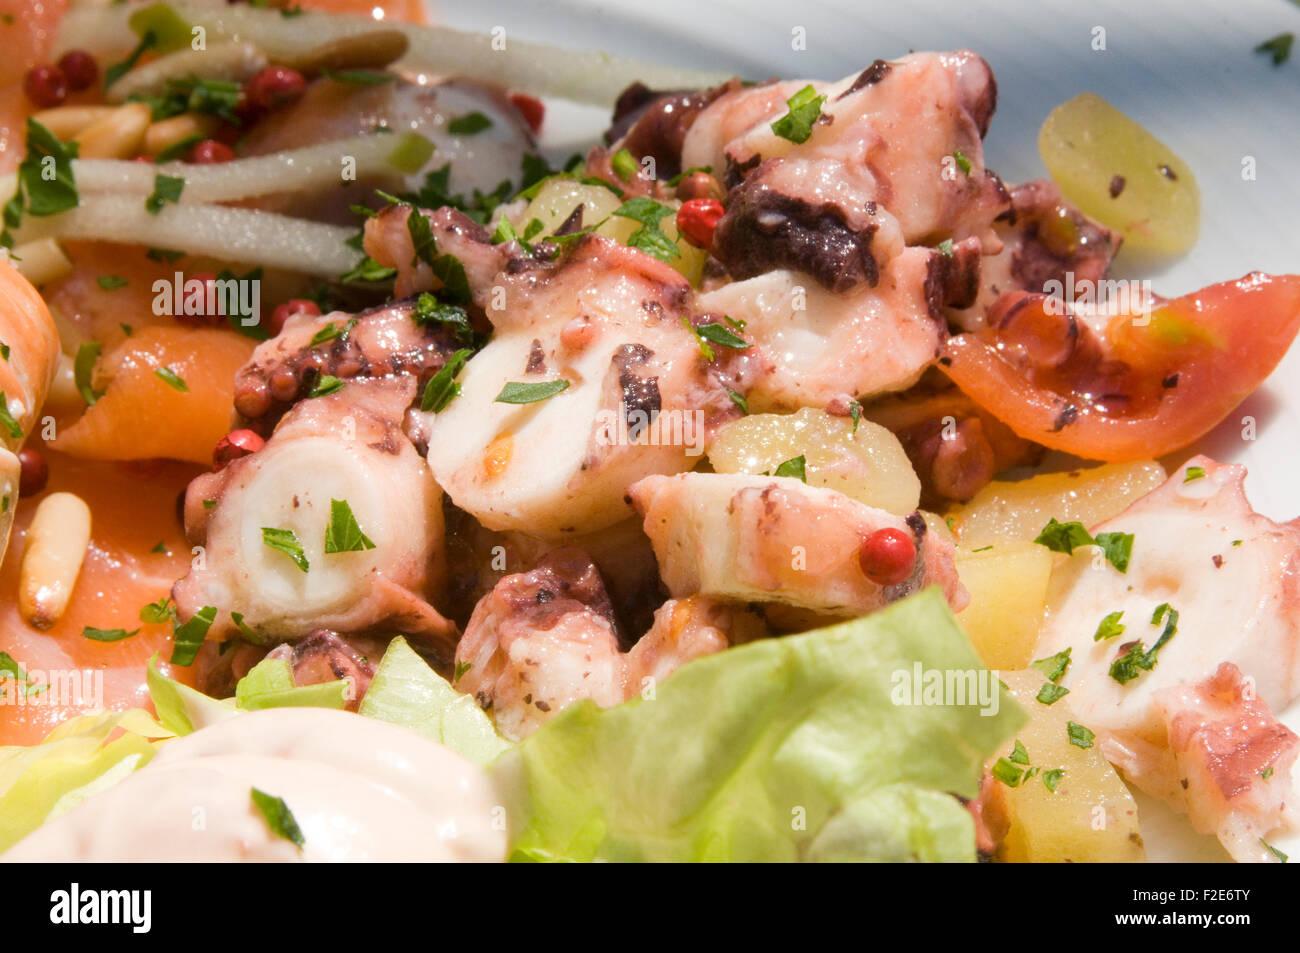 Octopus essen Meeresfrüchte Salat Tentacle Tentakel Dressing Dressing Salate Essen gekocht Stockbild